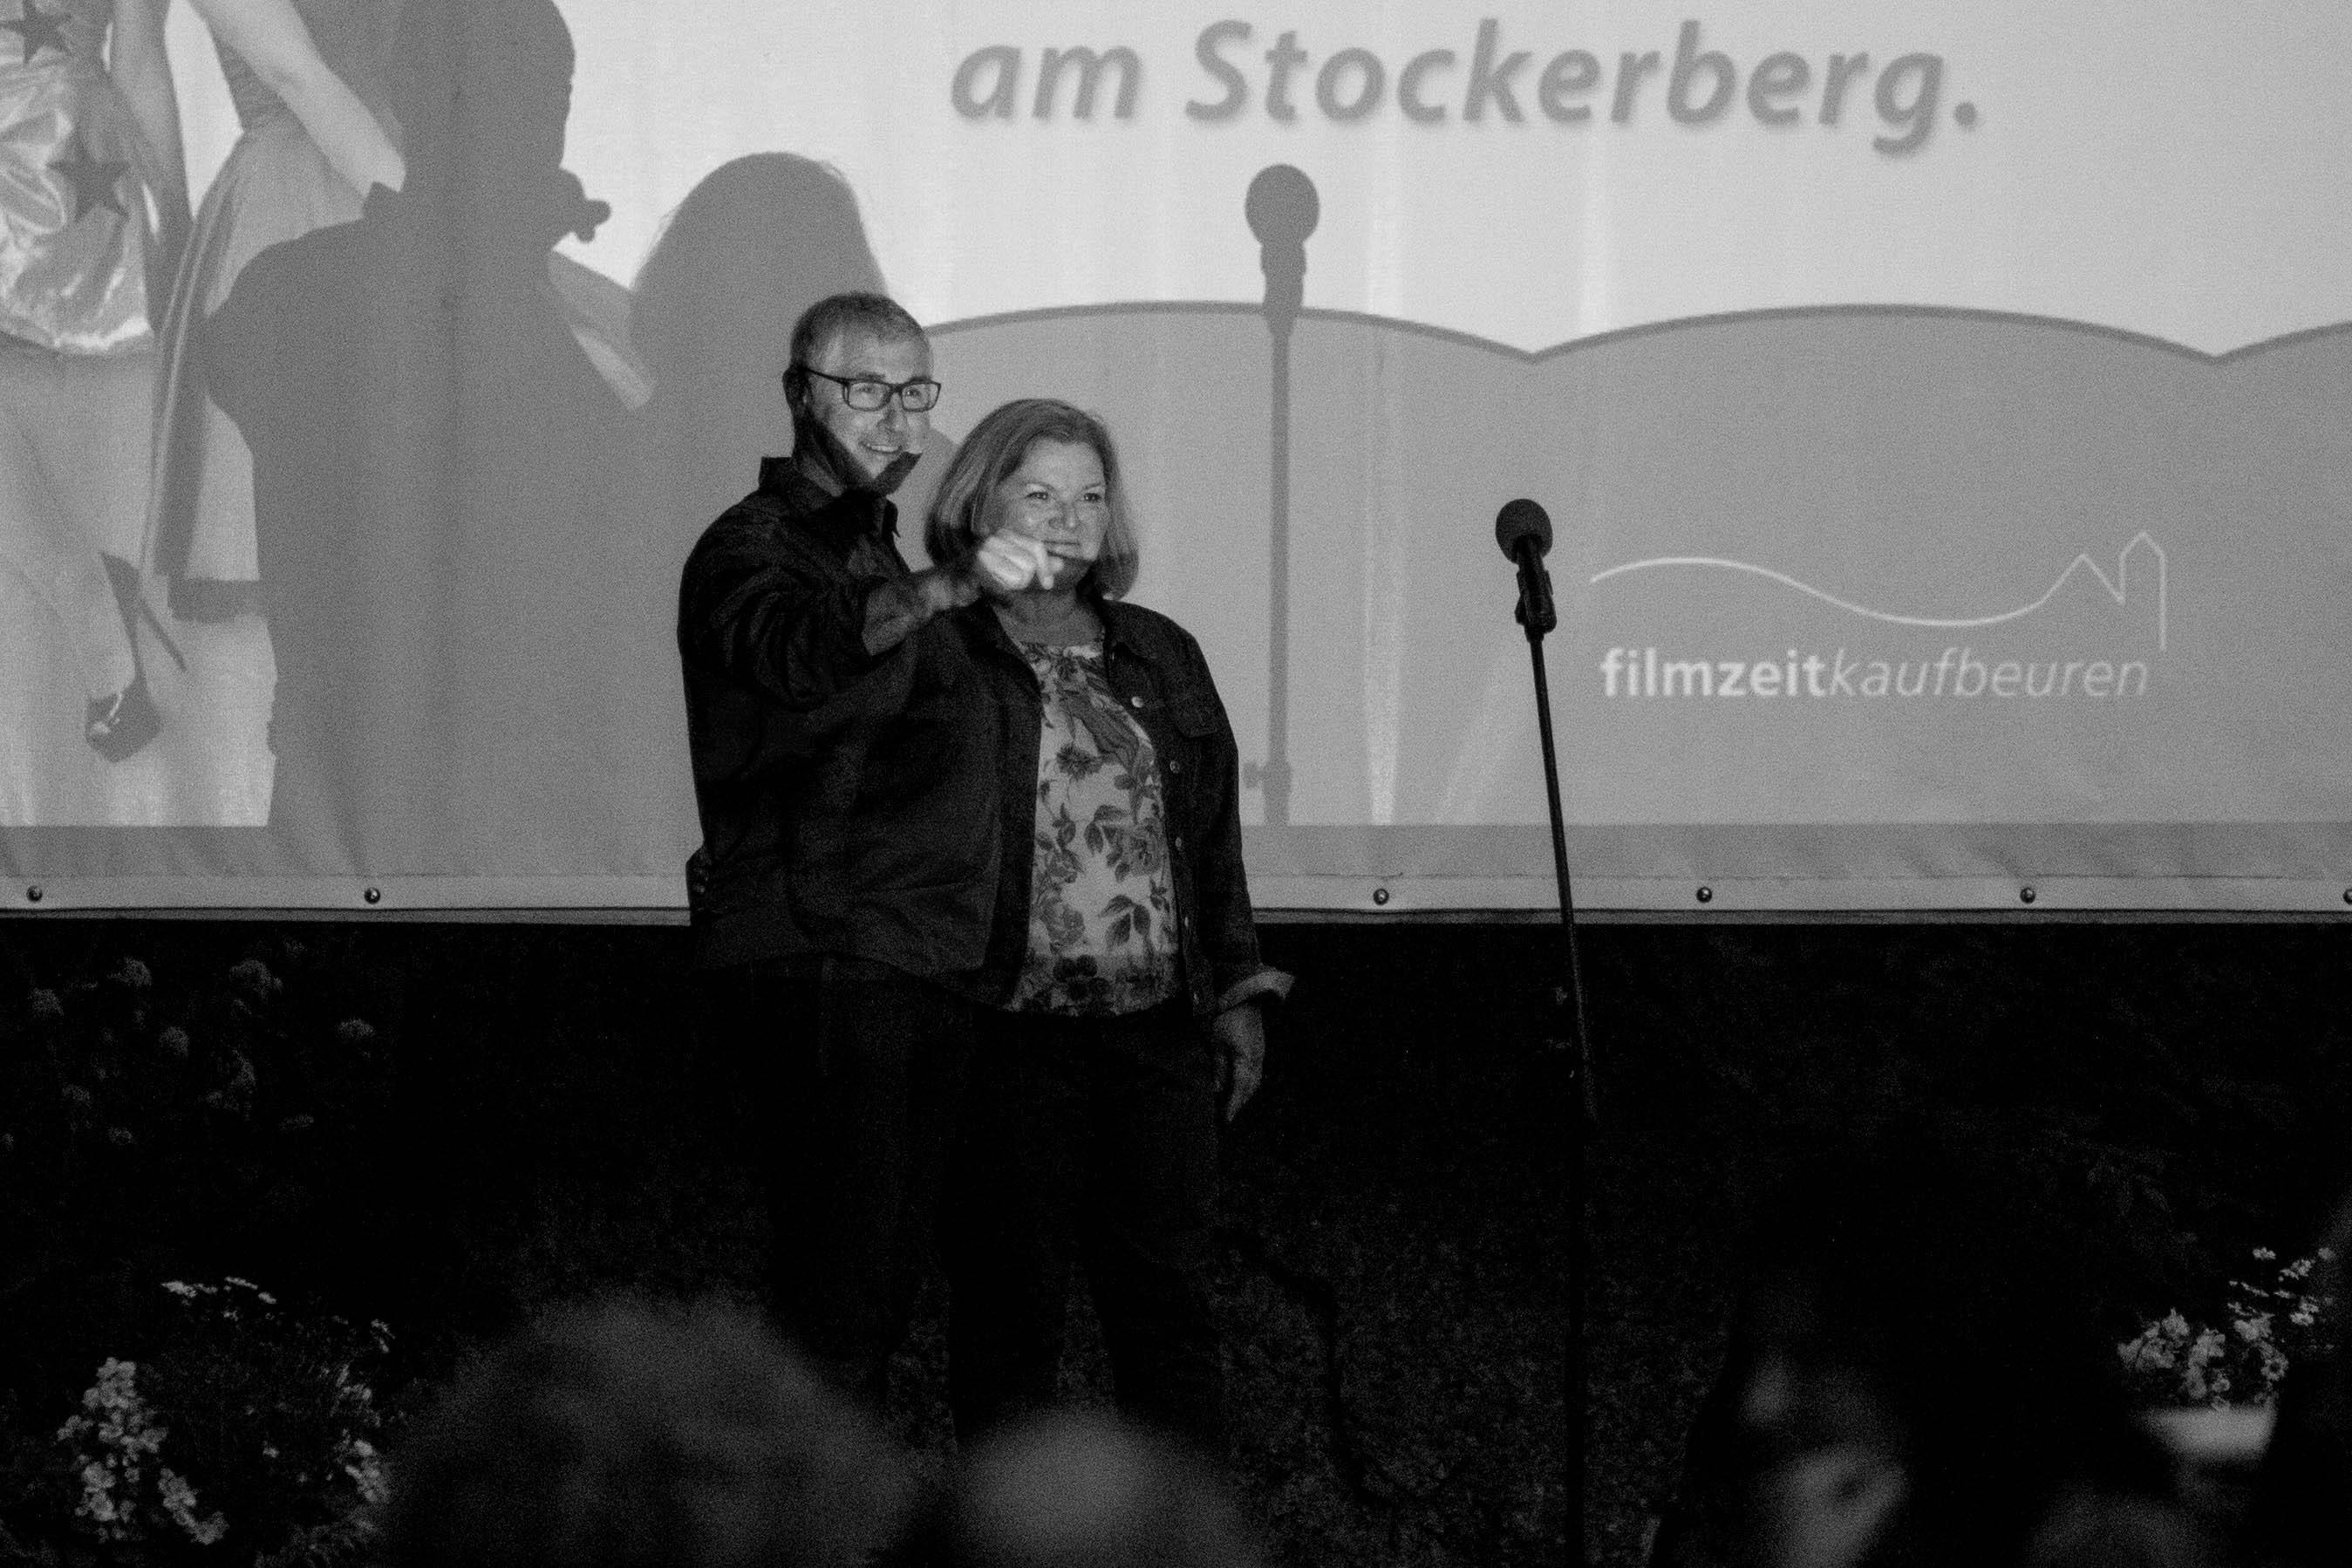 Stockerberg Filmzeit 065